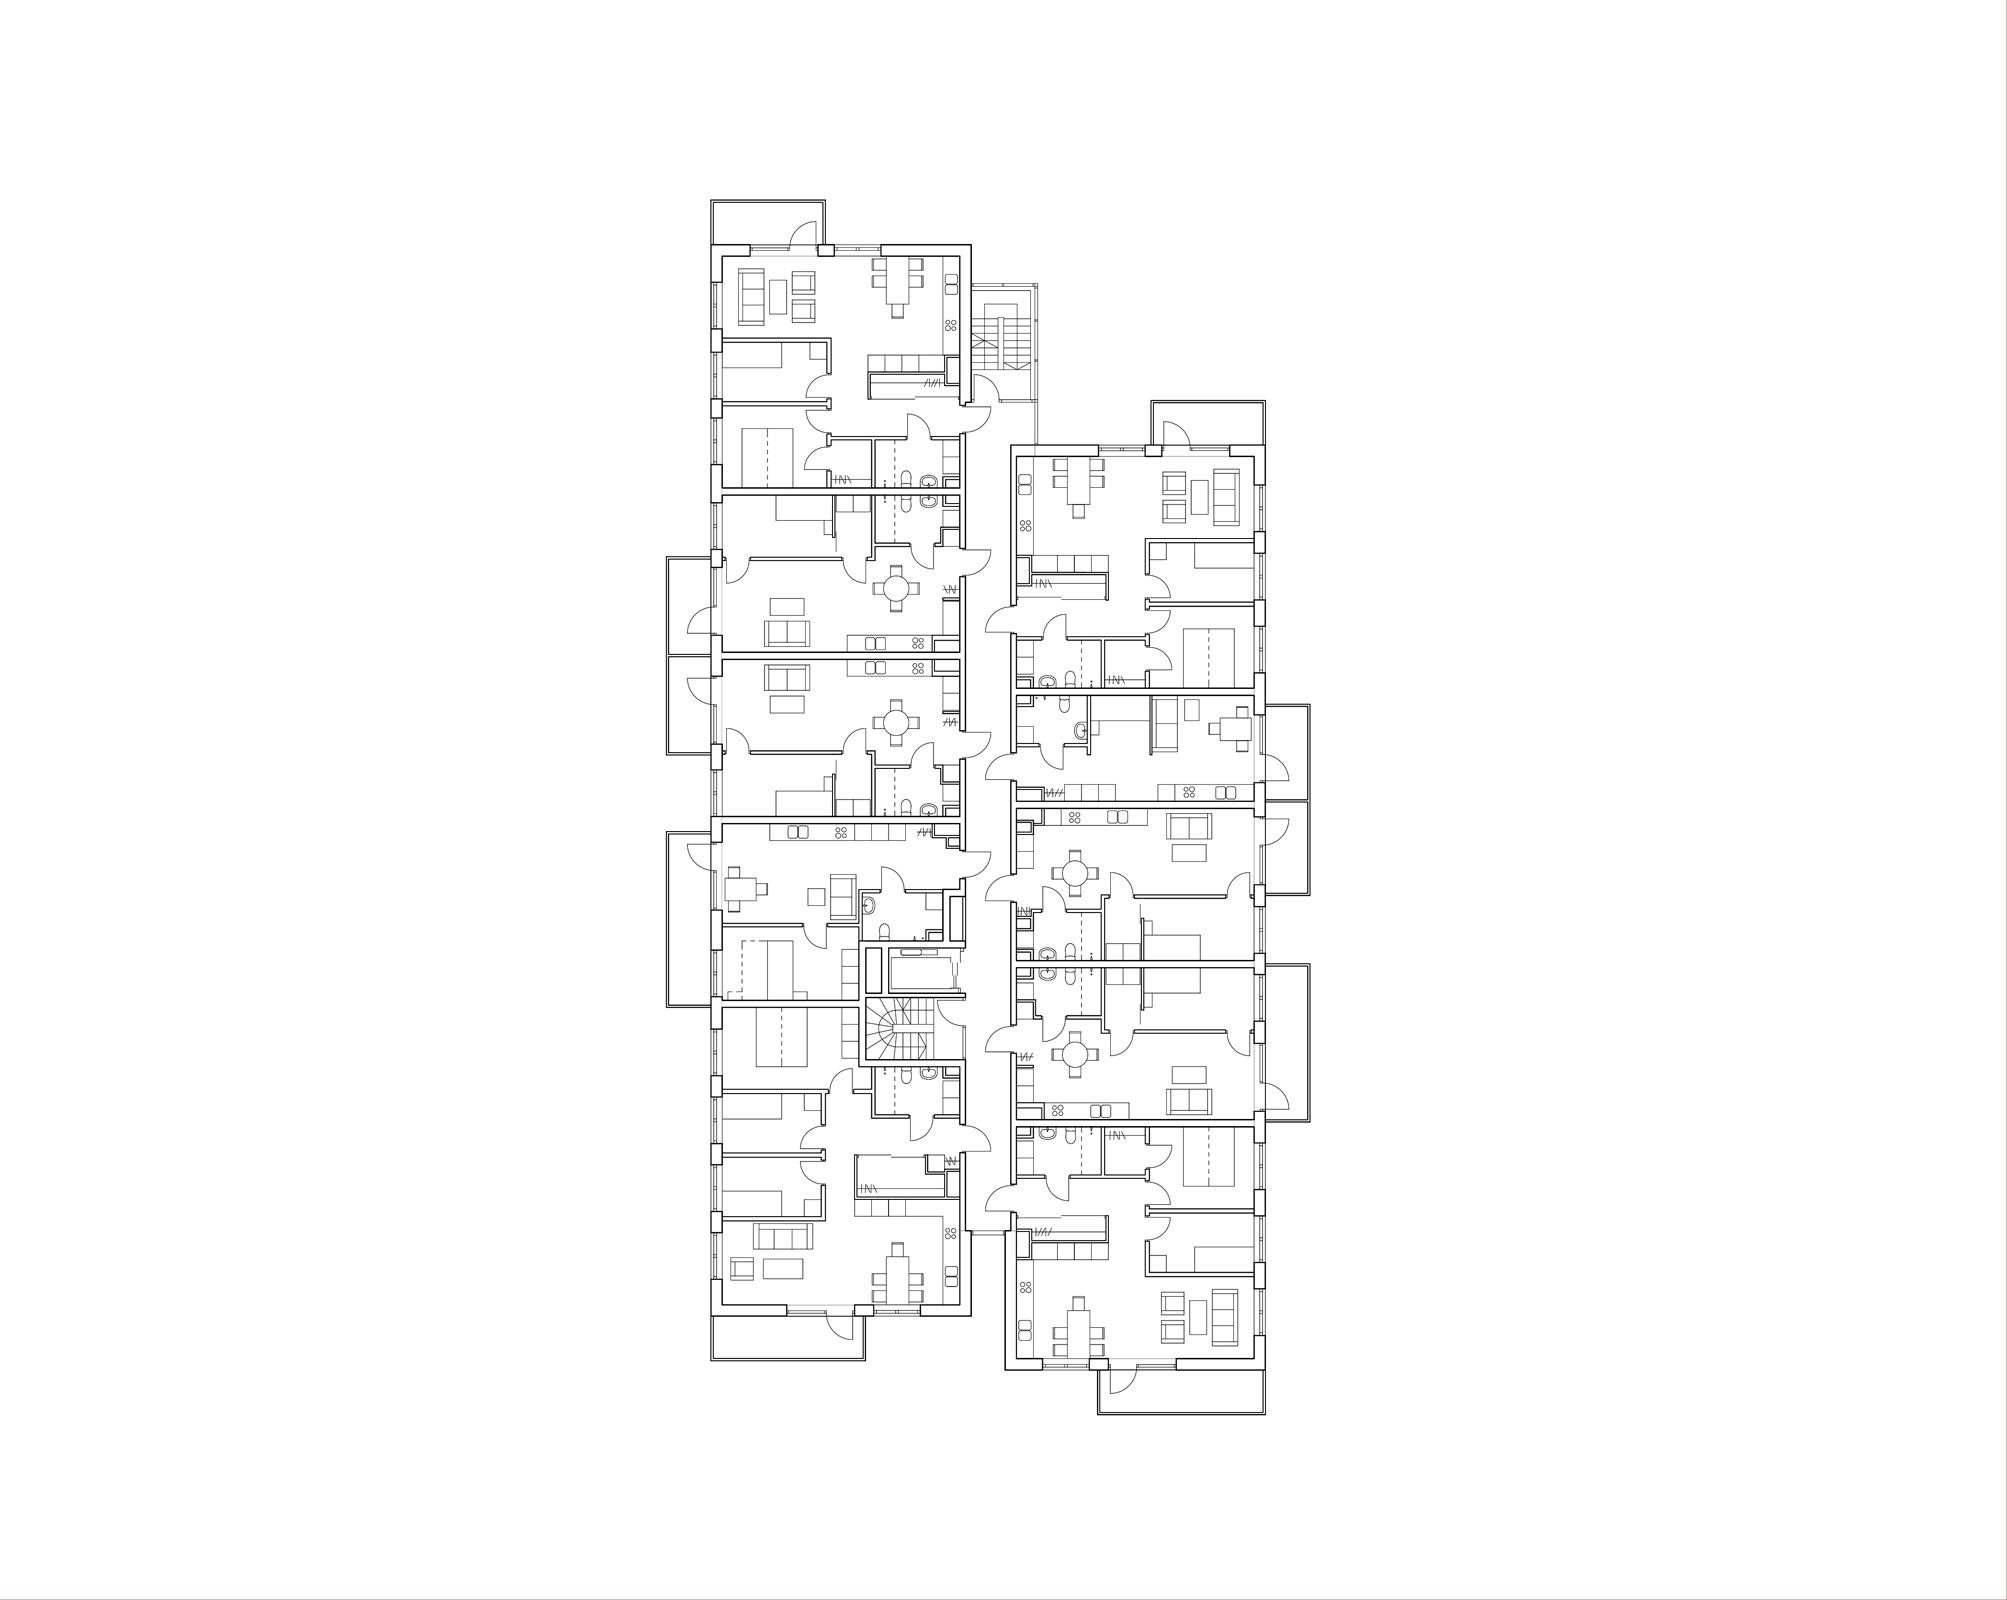 Spridd_A02_Plan.jpg